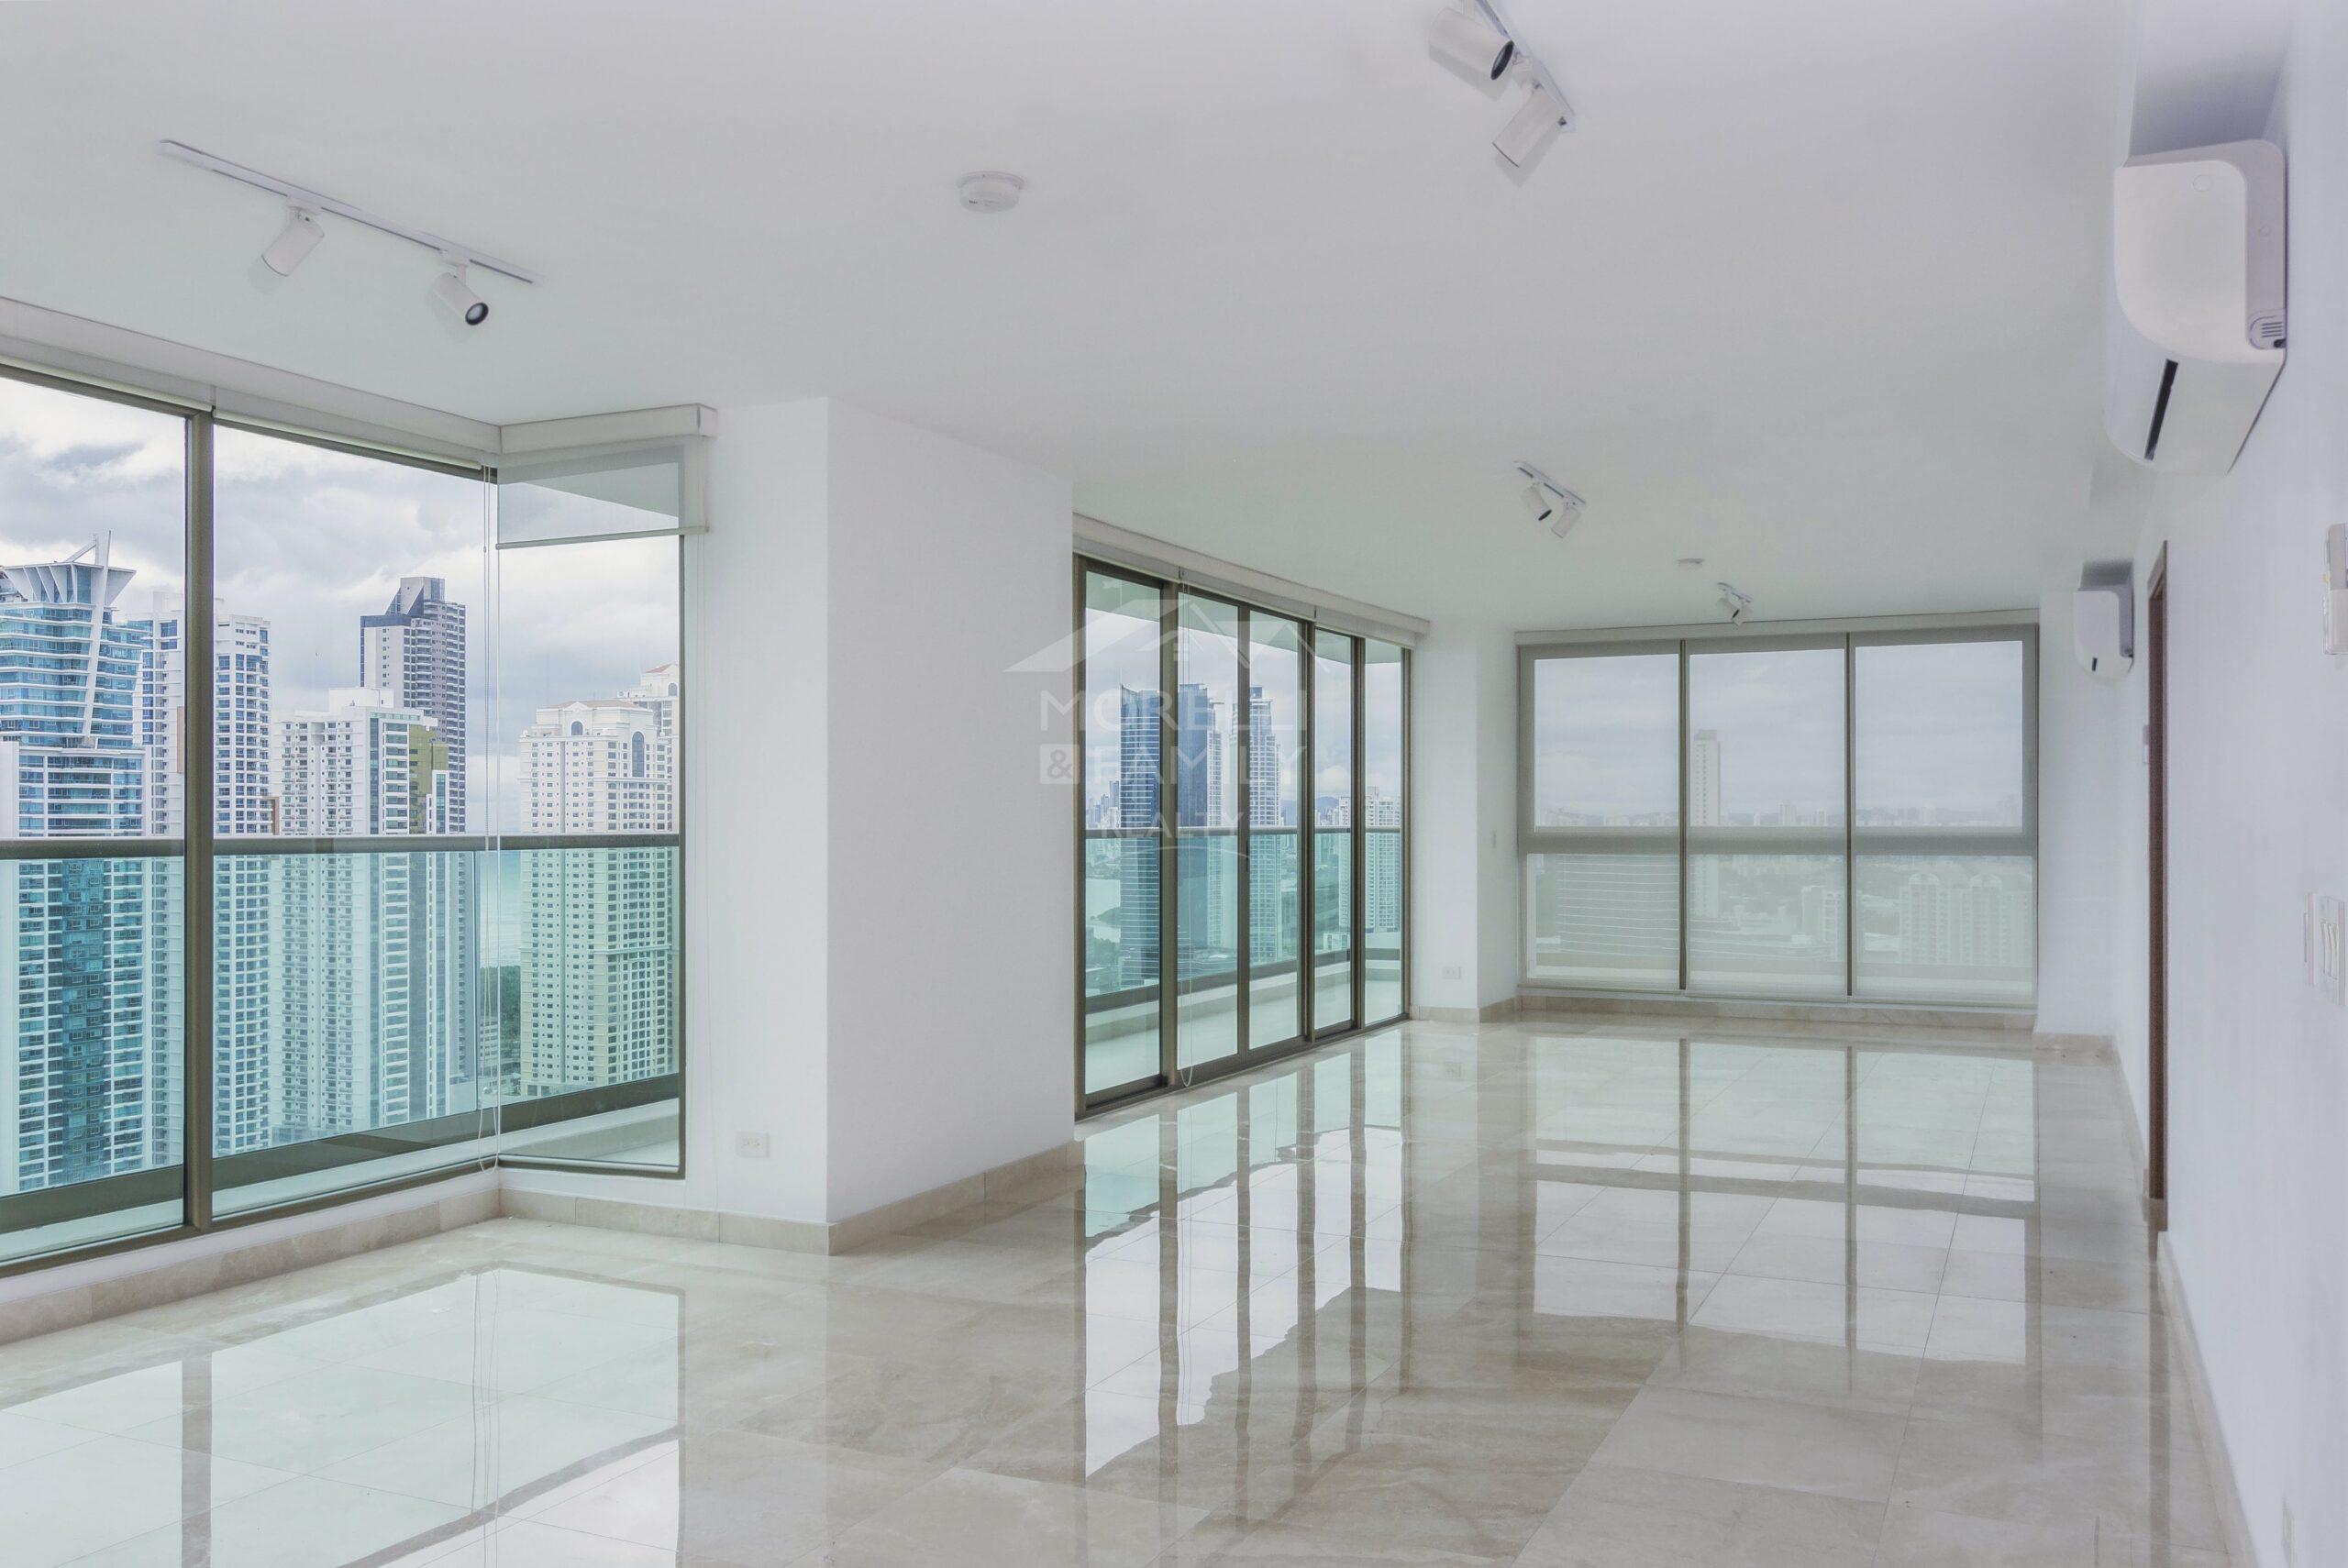 Apartamento en Alquiler – Edificio PARK LANE  276 m2 – Costa del Este .